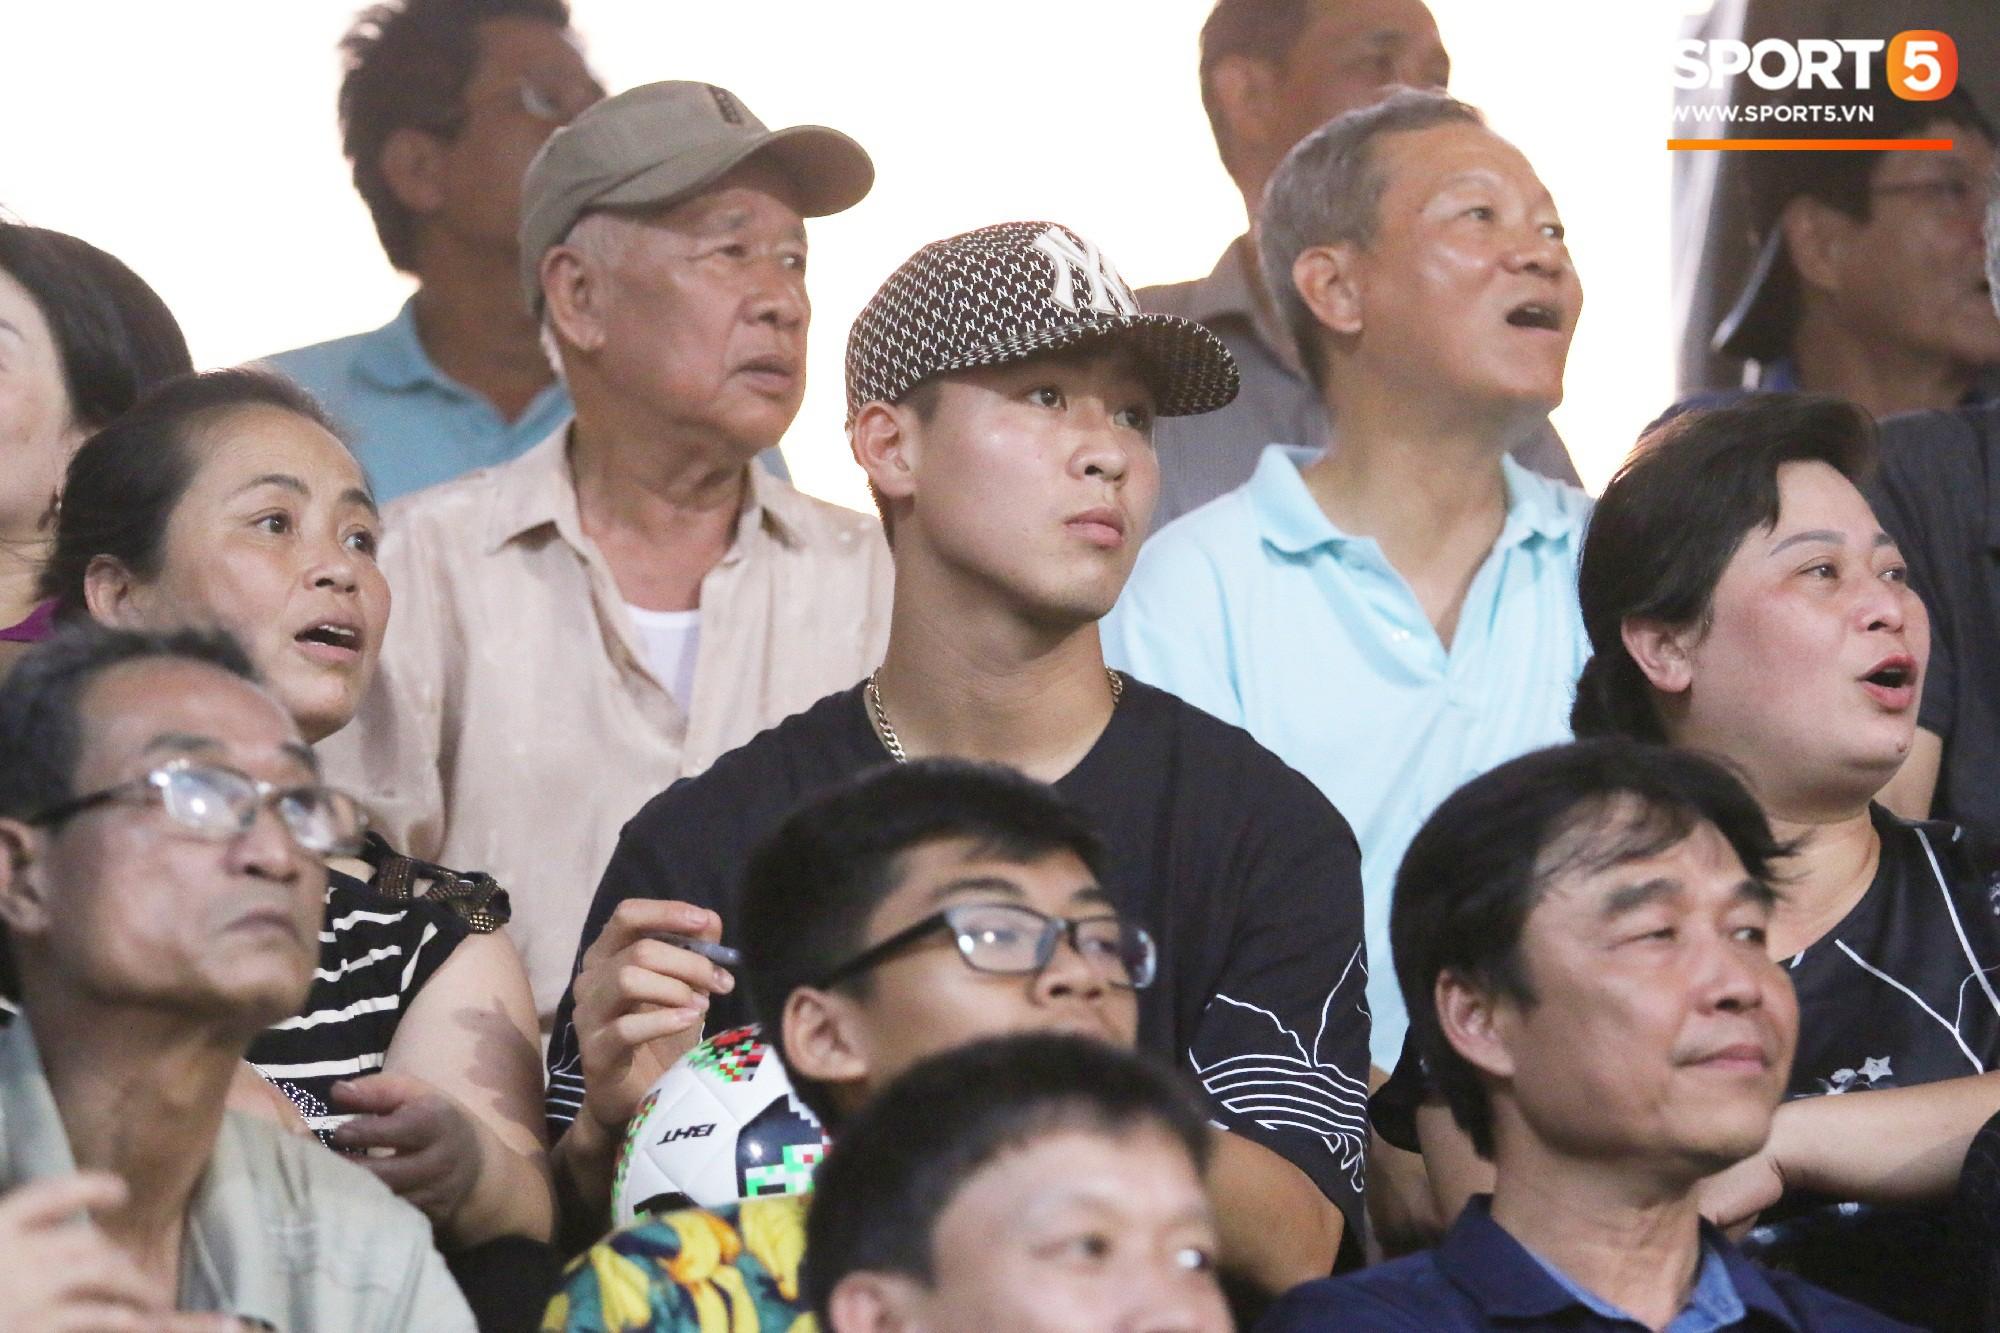 Duy Mạnh kín đáo đến xem Hà Nội Nội thi đấu, vẫn bị fan nhí nhanh mắt phát hiện và vây kín - Ảnh 5.